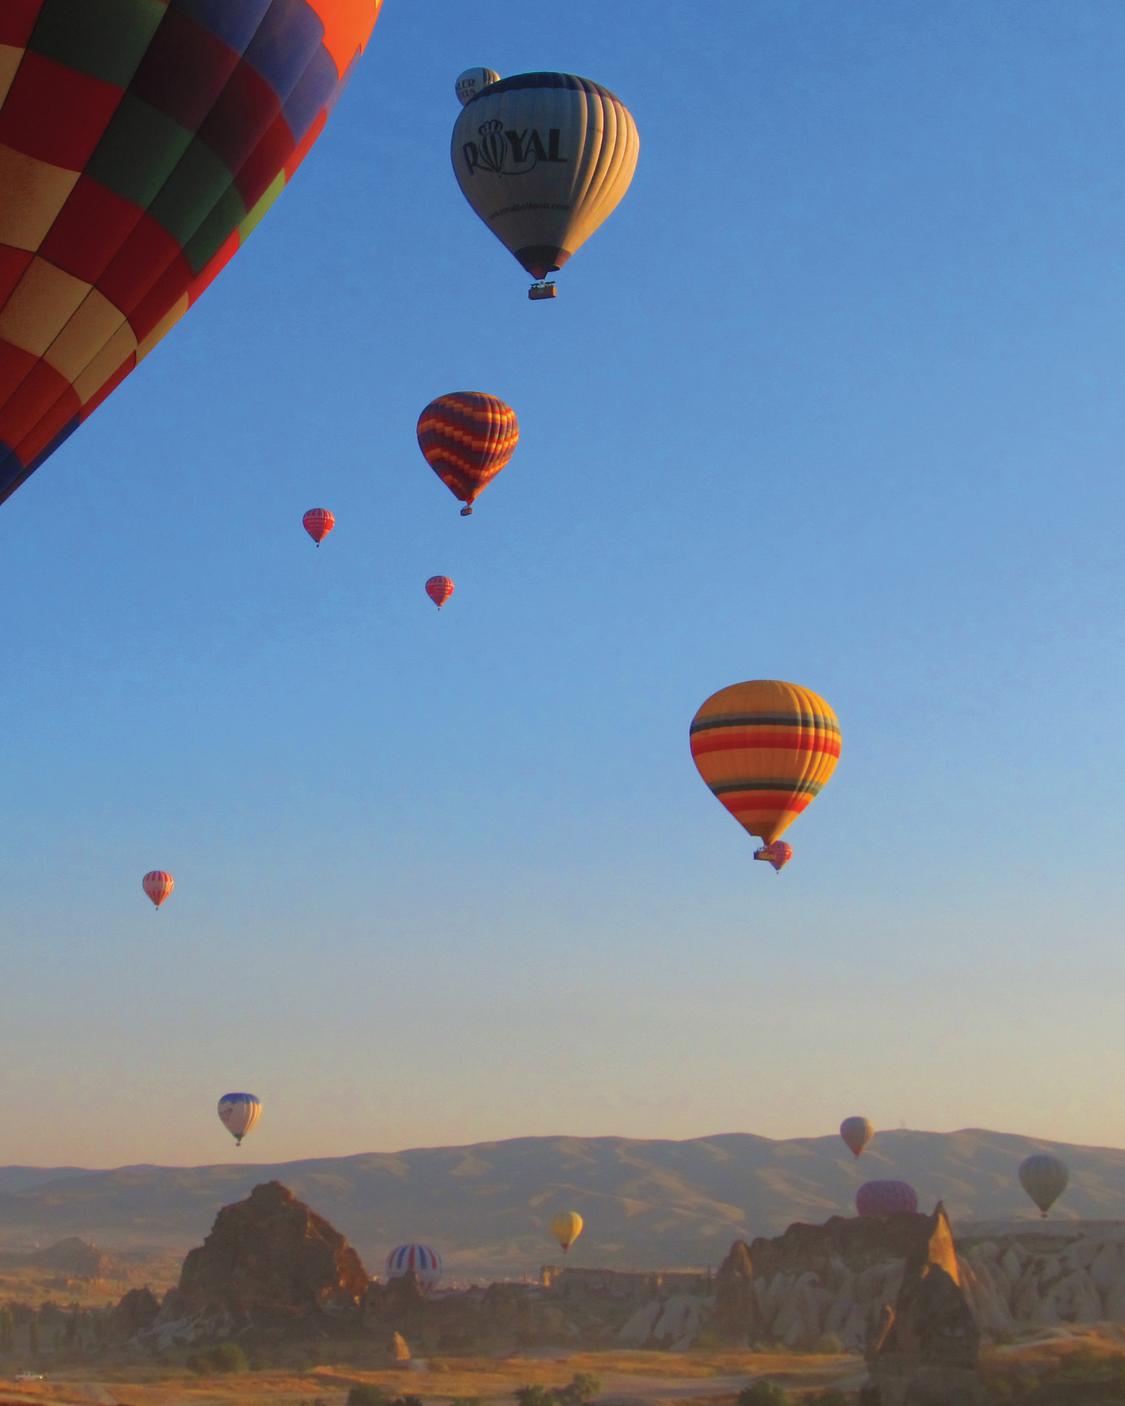 hot-air-balloons-mds108479.jpg